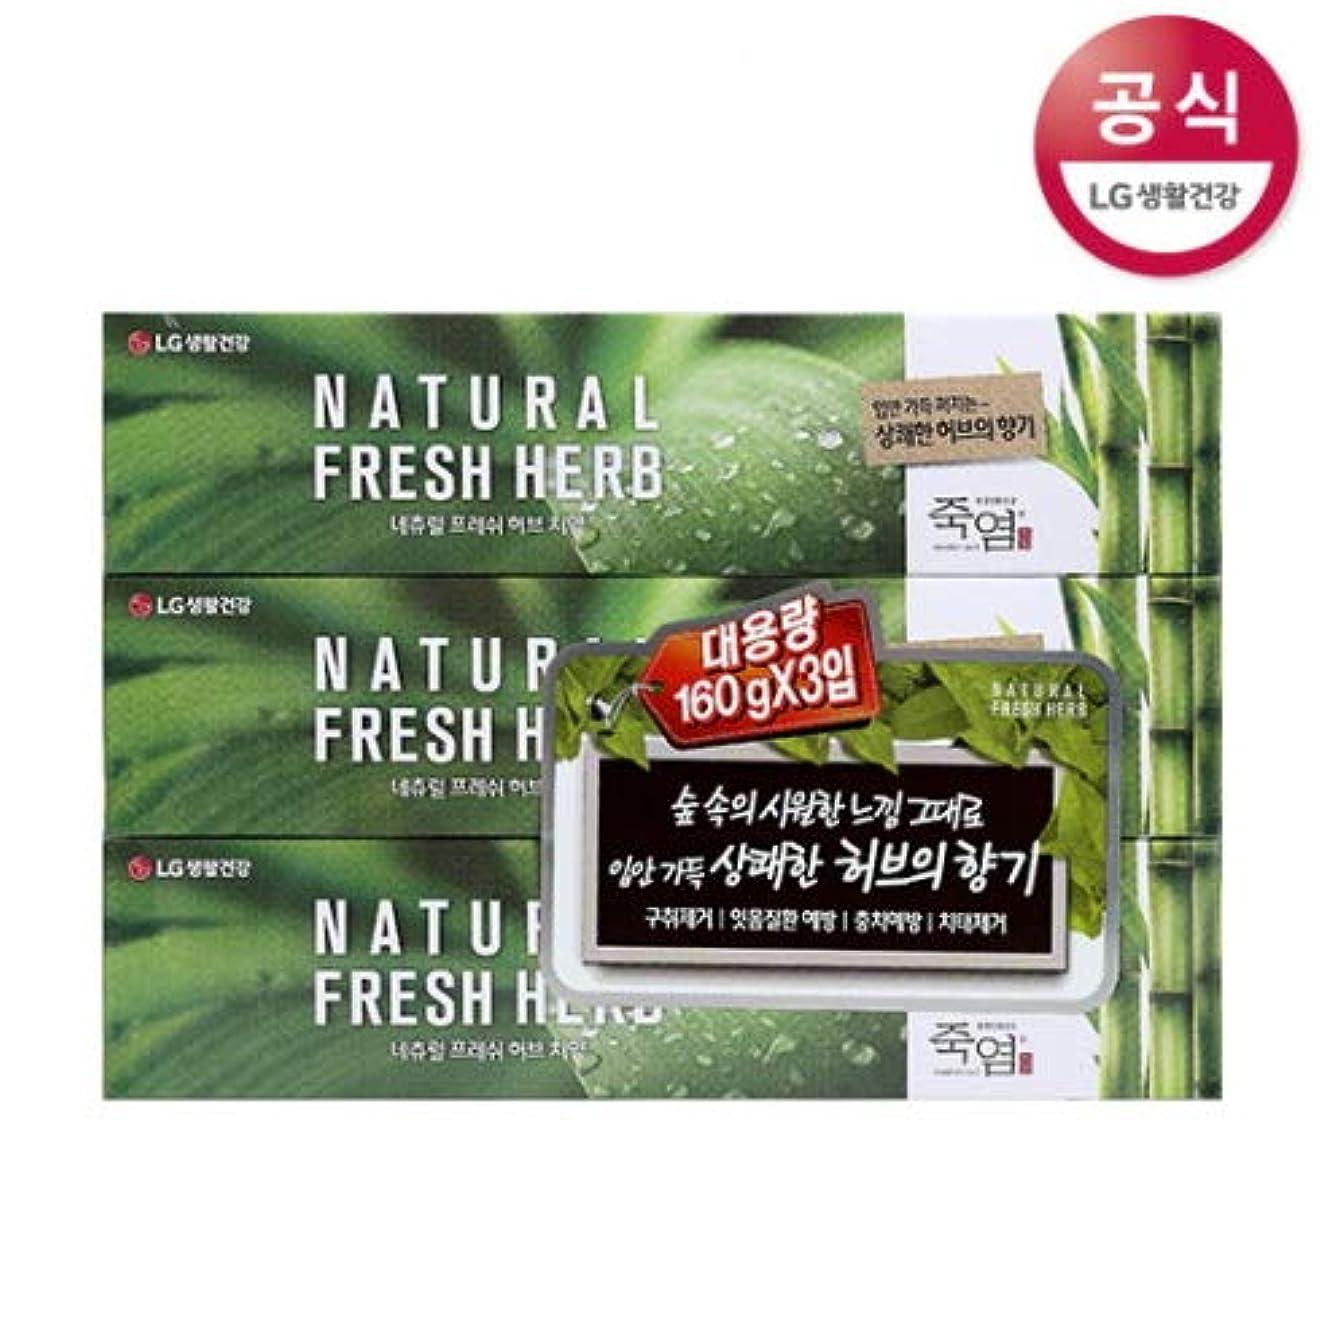 厳残酷な二次[LG HnB] Bamboo Salt Natural Fresh Herbal Toothpaste/竹塩ナチュラルフレッシュハーブ歯磨き粉 160gx3個(海外直送品)